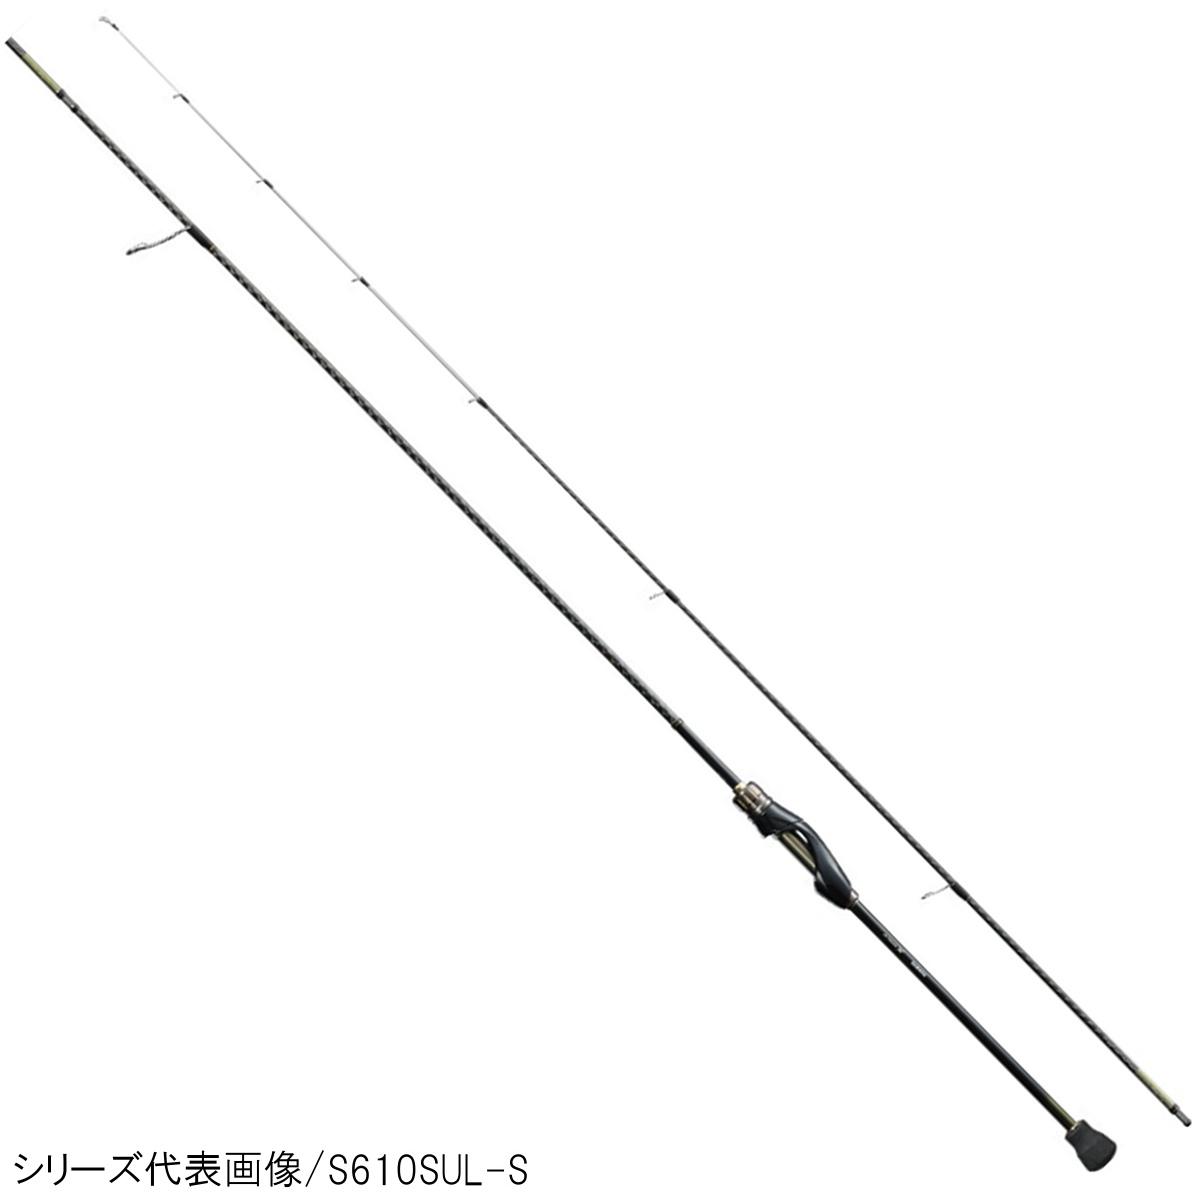 シマノ ソアレ SS アジング S610L-S